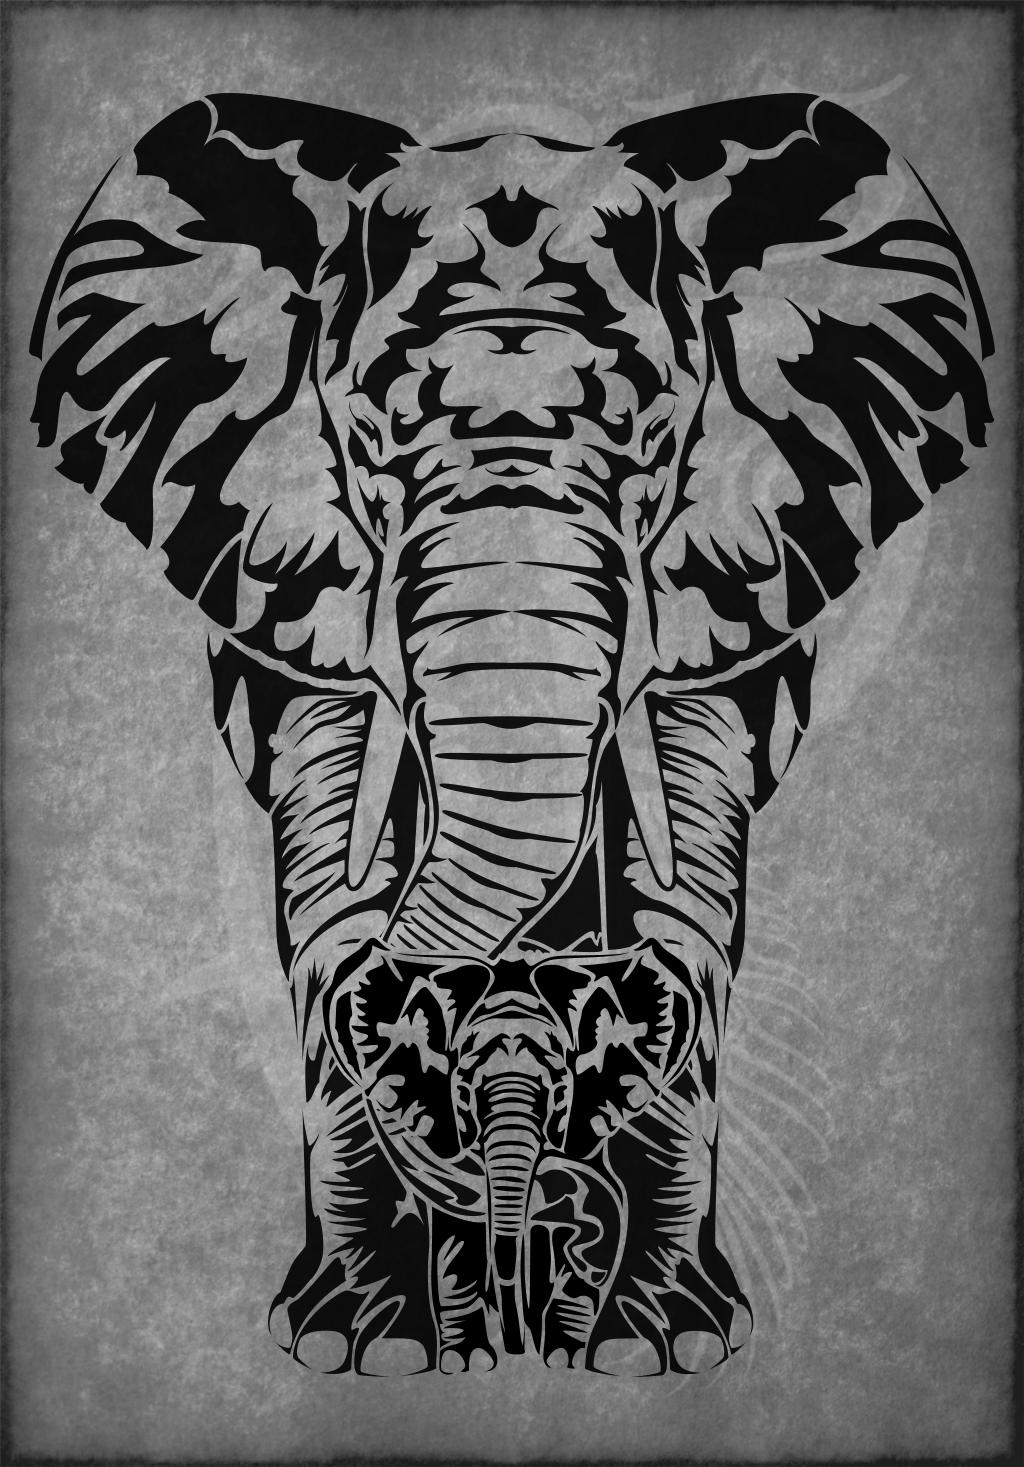 Tribal Elephant By Frostygorillaz On Deviantart Elephant Tattoo Tribal Elephant Head Tattoo African Tribal Tattoos